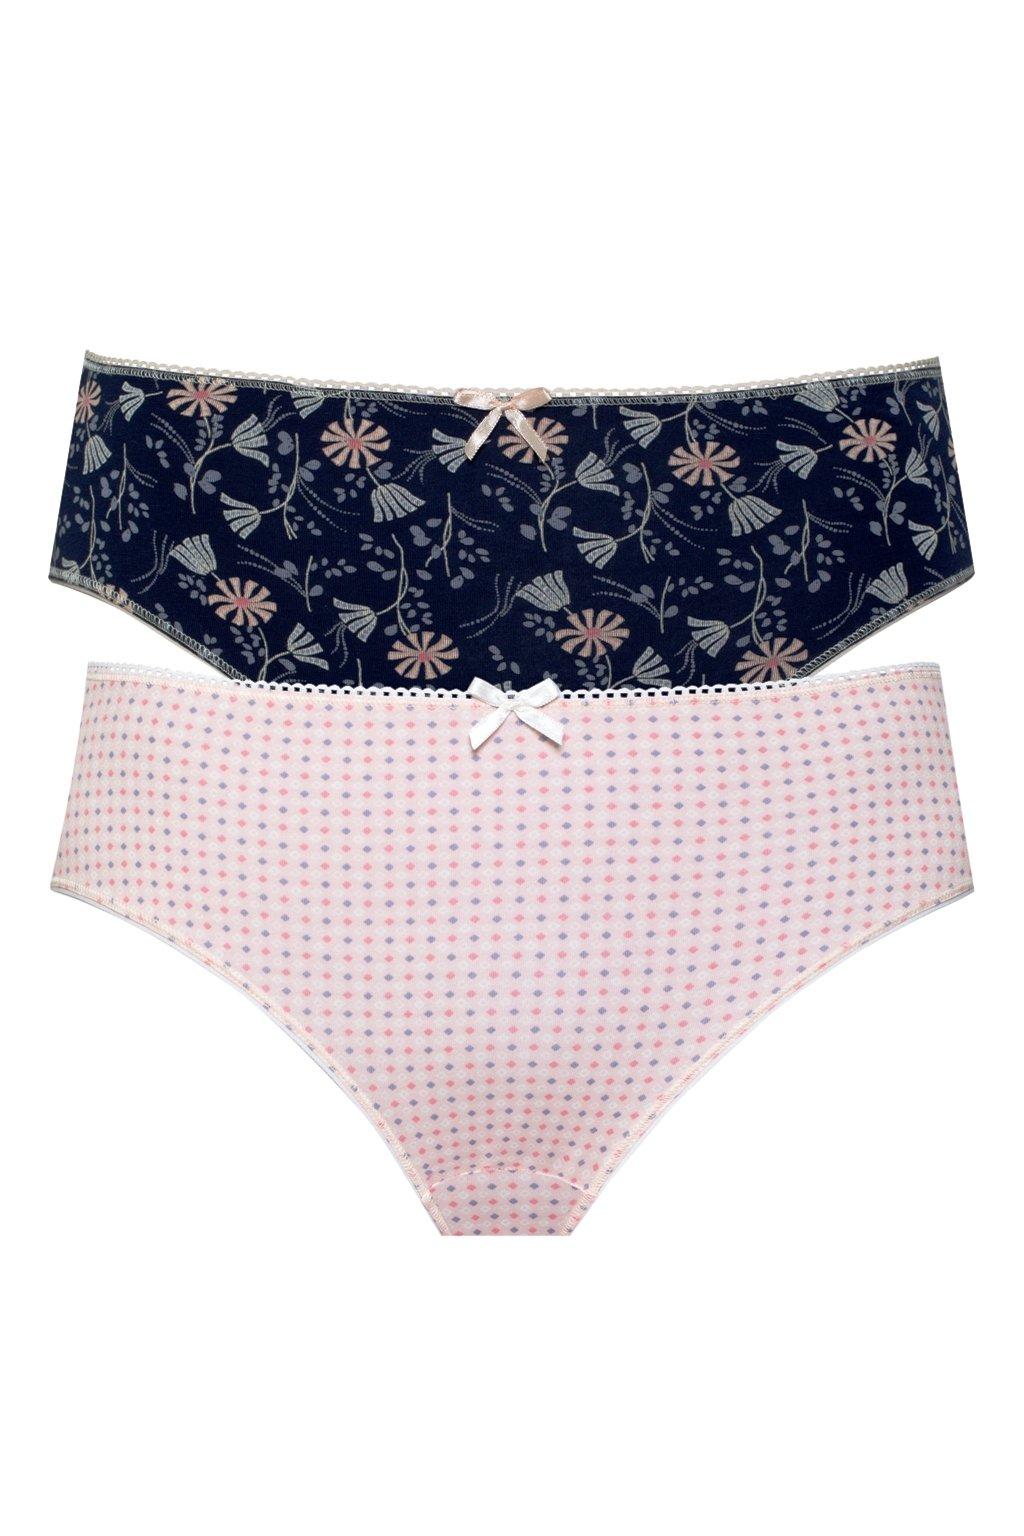 Dámské bavlněné kalhotky Leptir 50/08 2 pack